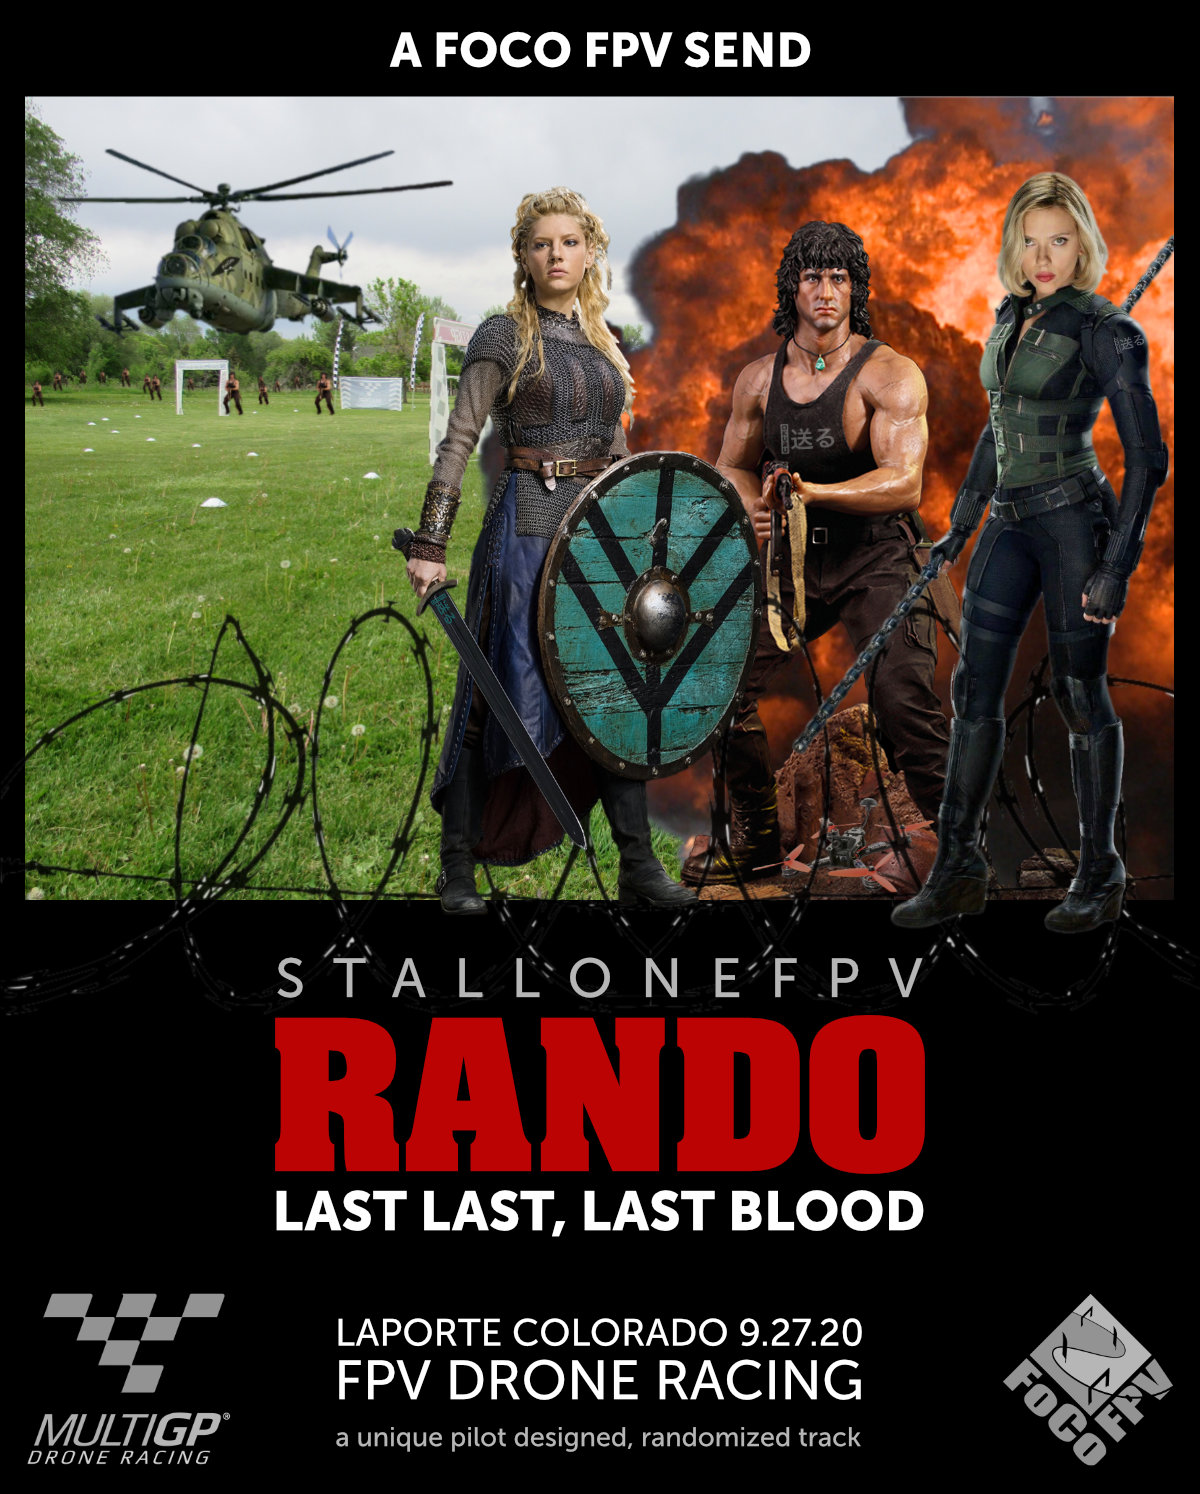 Rando - Last Last, Last Blood